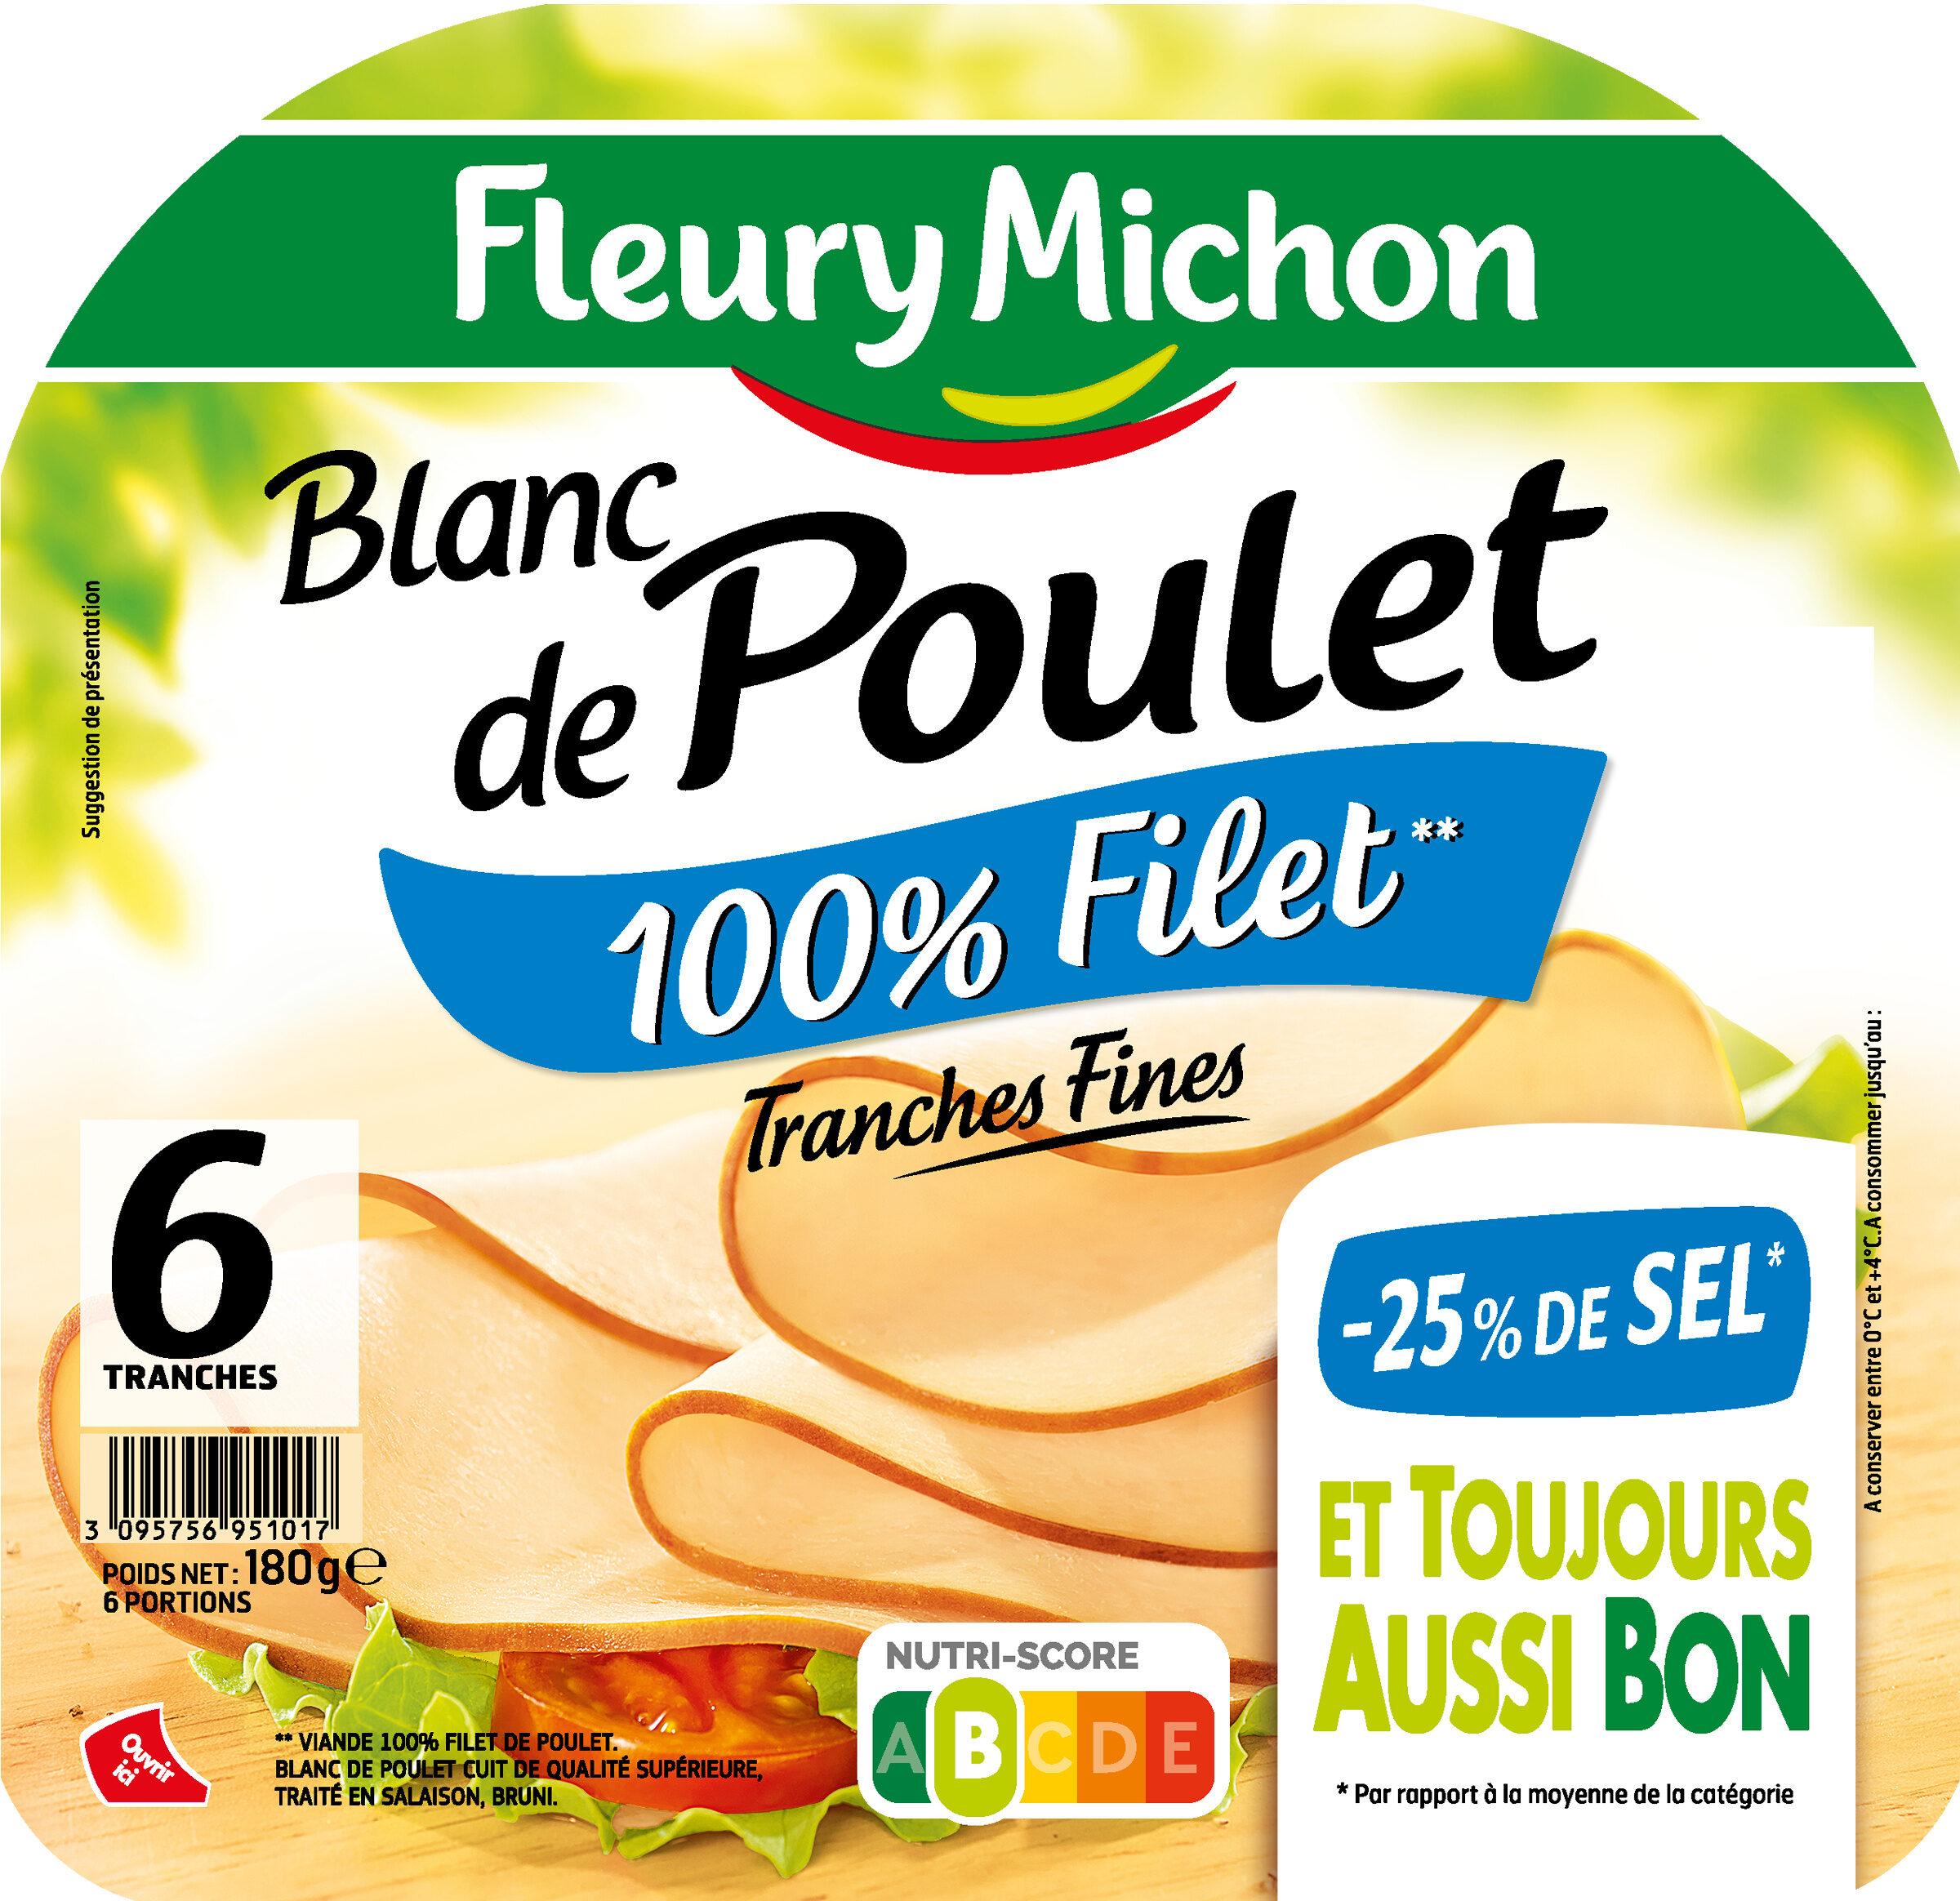 Blanc de poulet  - 25% de sel* - 100% filet** - 6 tranches fines - Product - fr